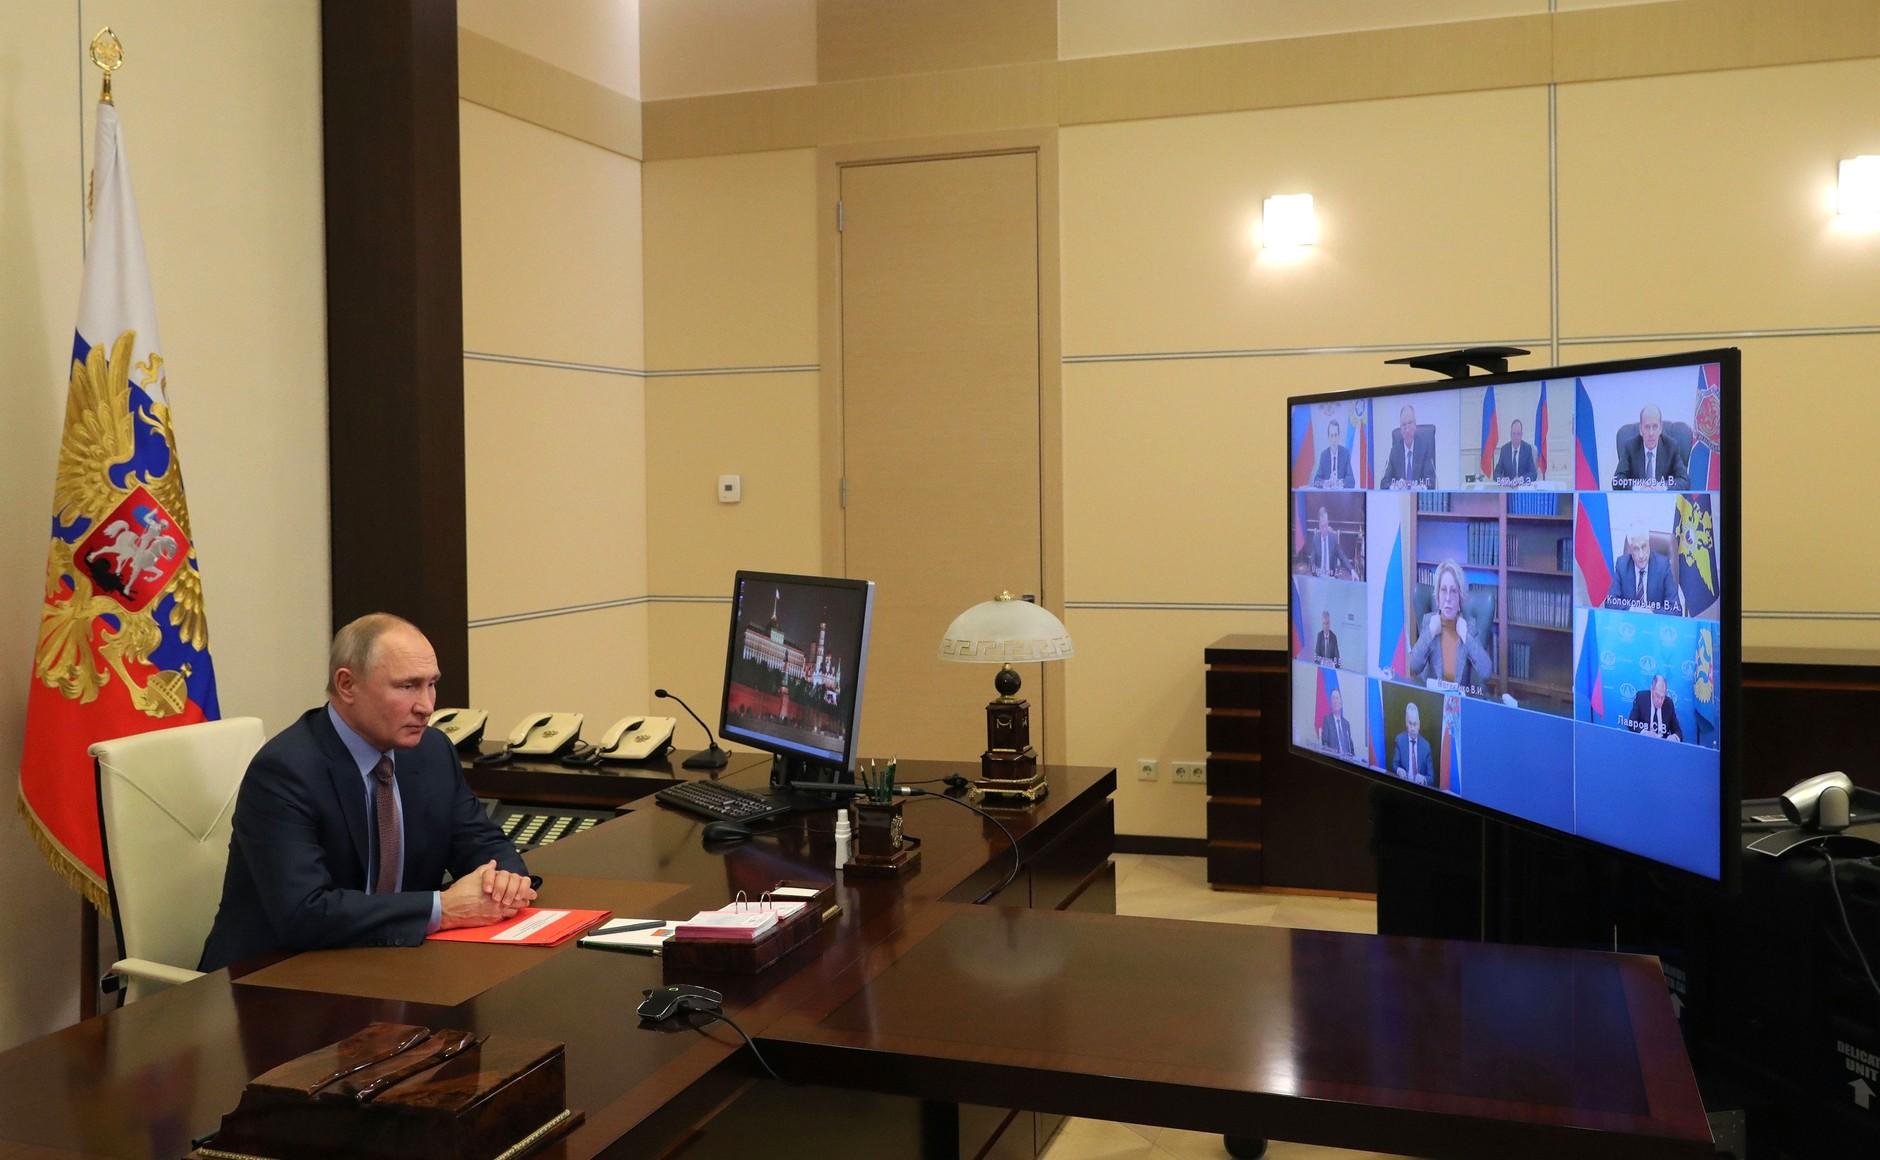 Vladimir Poutine 29.01.2021 a présidé une réunion des membres permanents du Conseil de sécurité par vidéoconférence. 29 janvier 2021